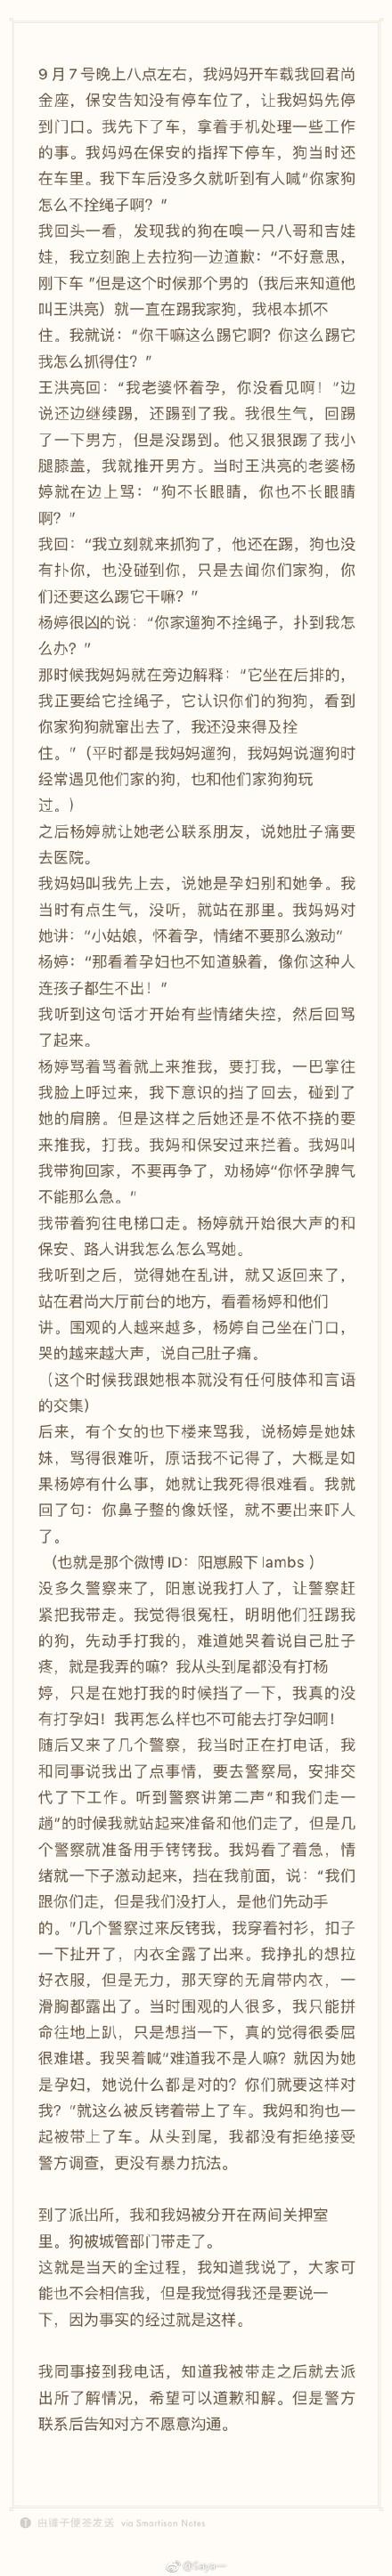 网红Saya否认殴打孕妇:我根本没有殴打孕妇